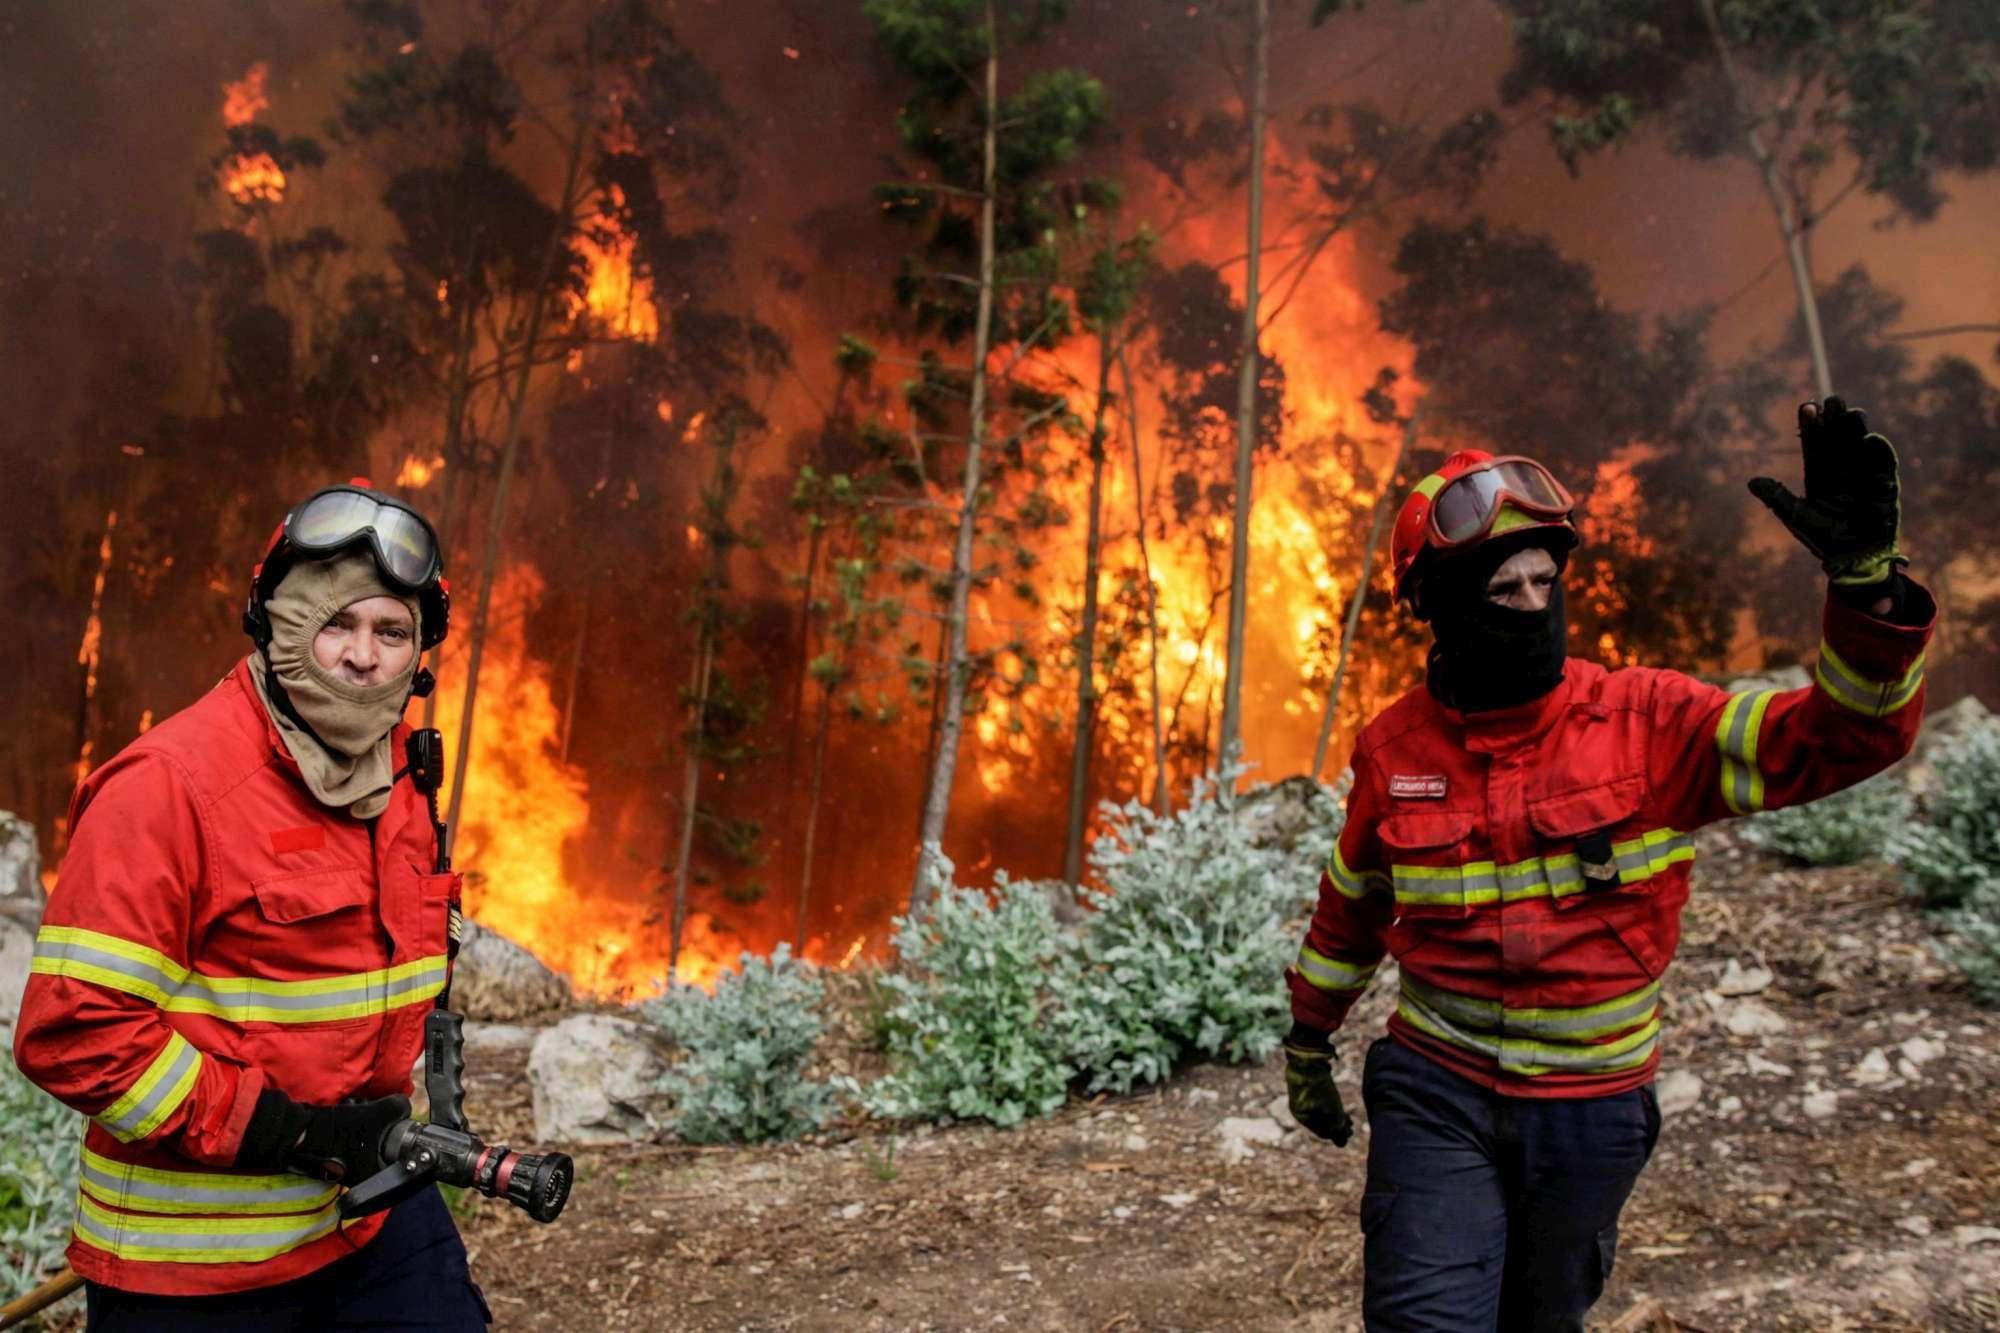 Portogallo, maxi incendio nei boschi: diverse vittime